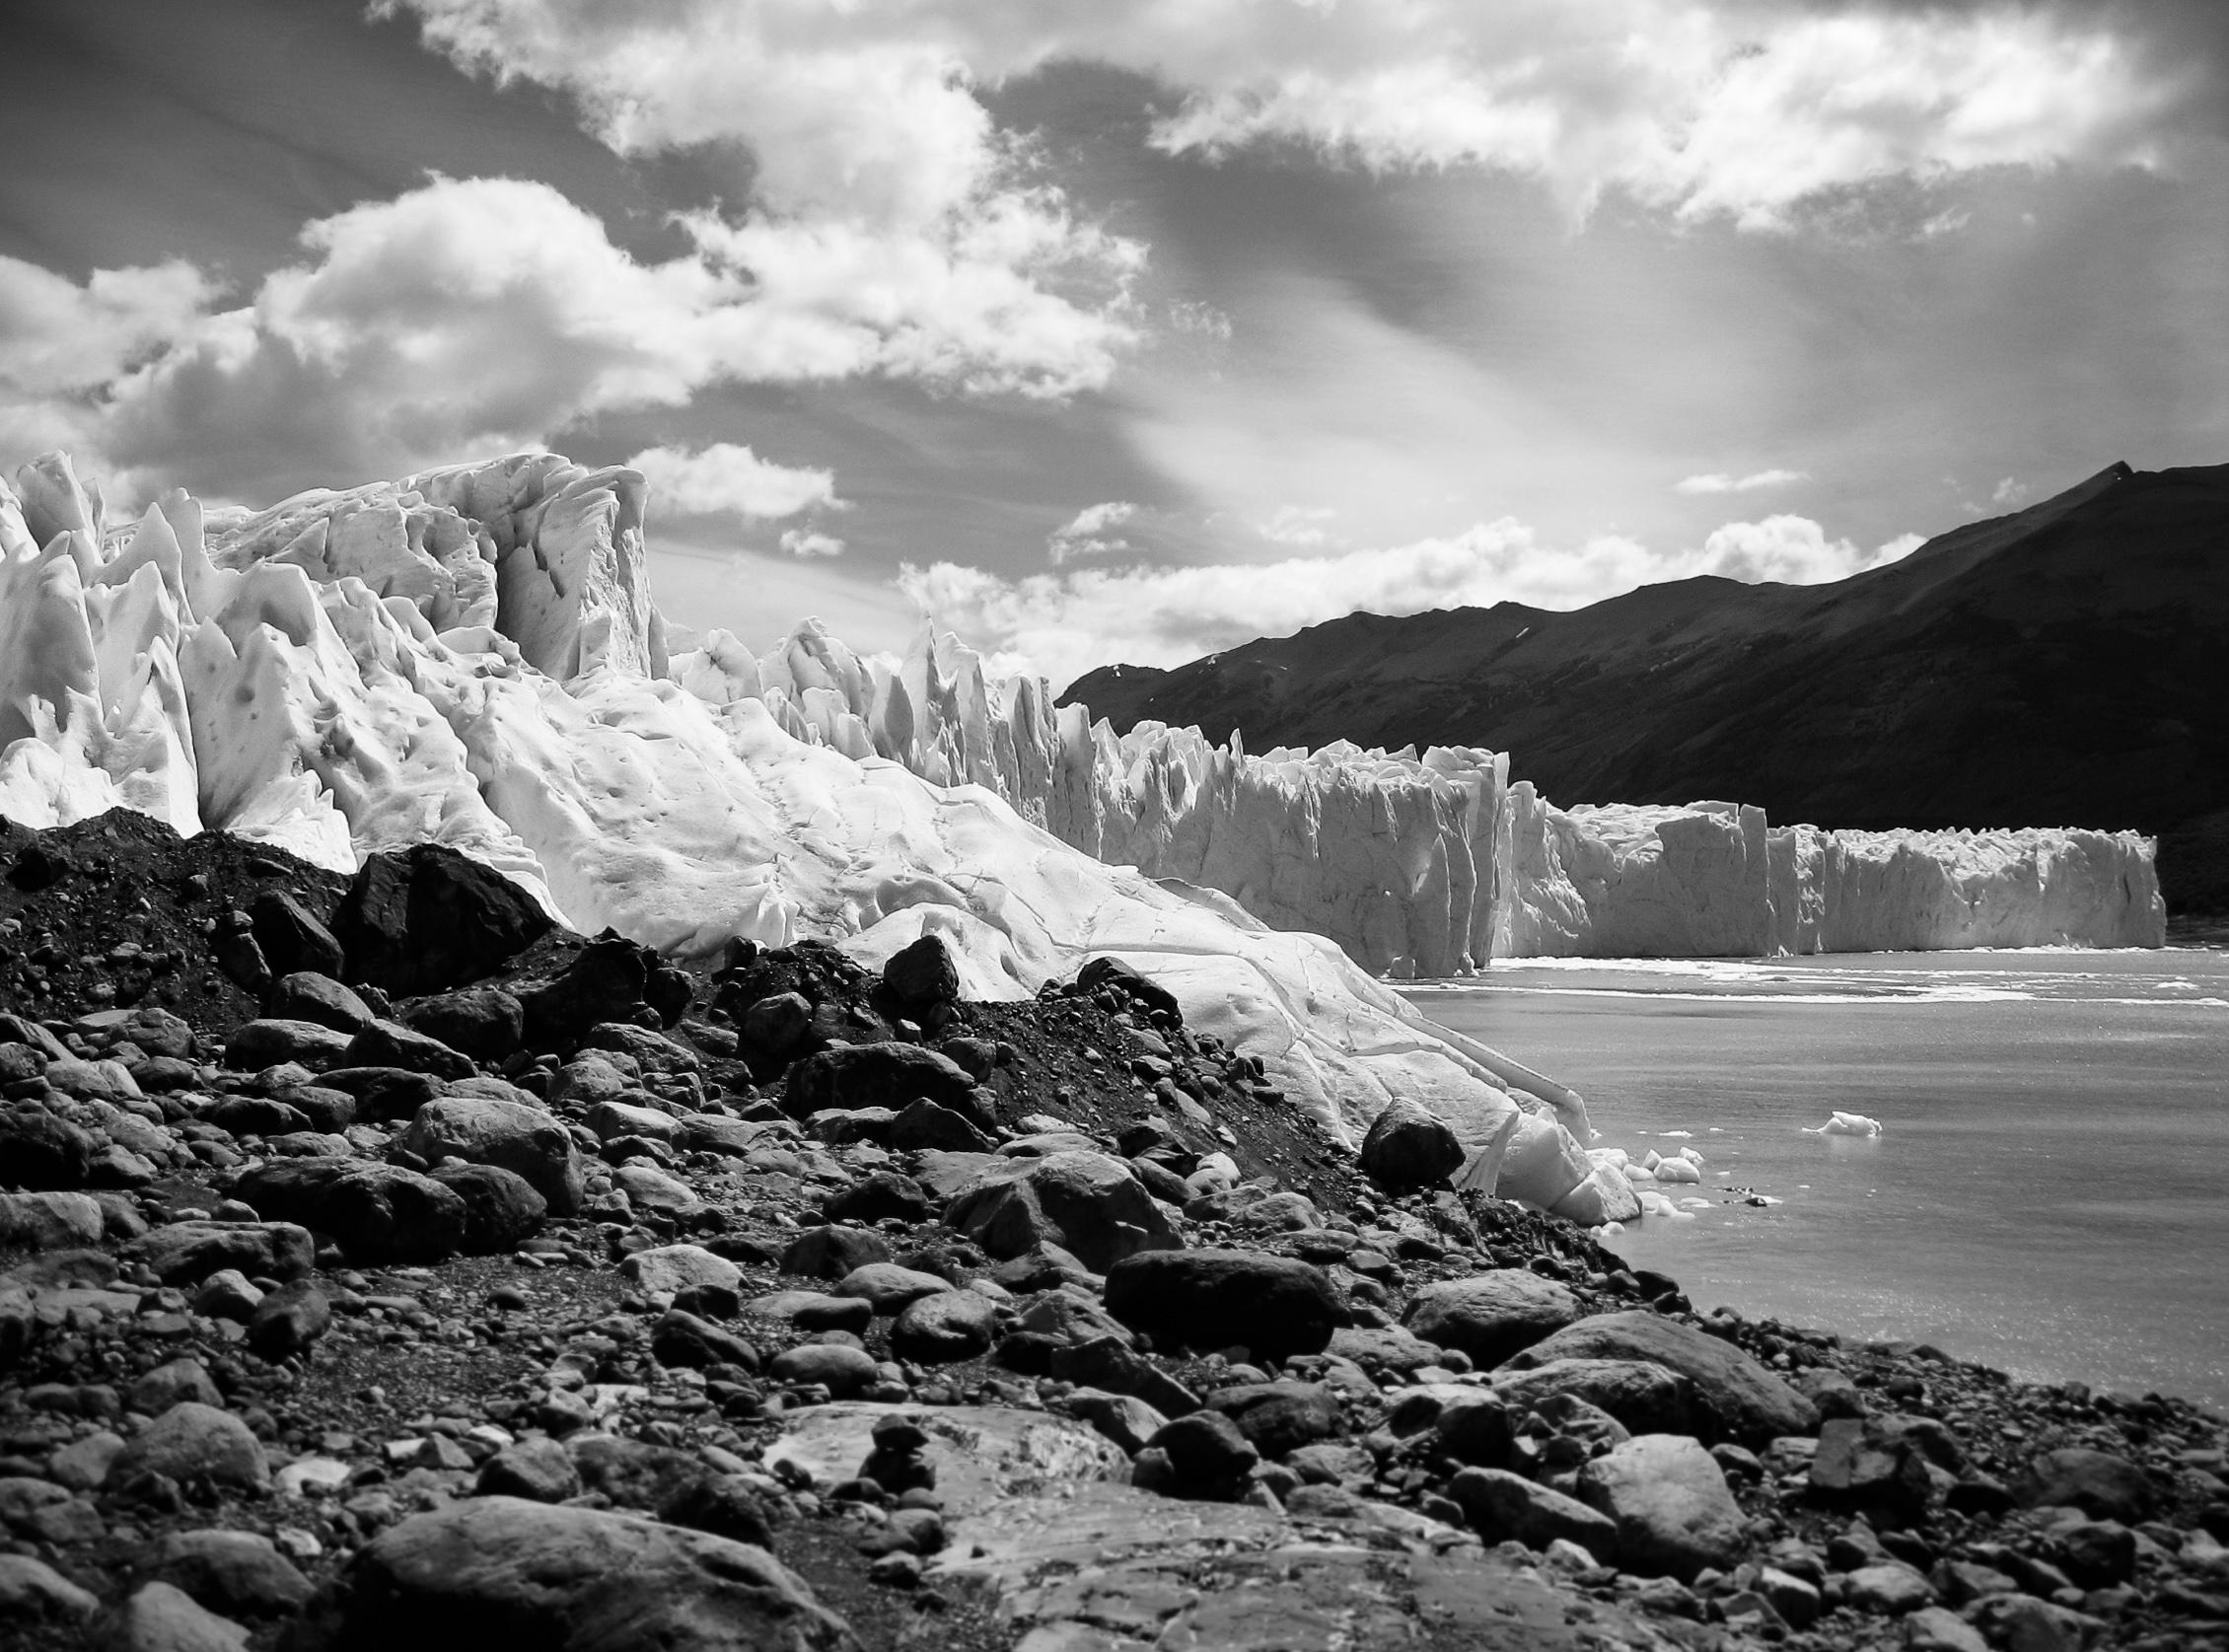 patagonia_el-calafate_glaciar-perito-moreno-2813-_glacier-profile.jpg